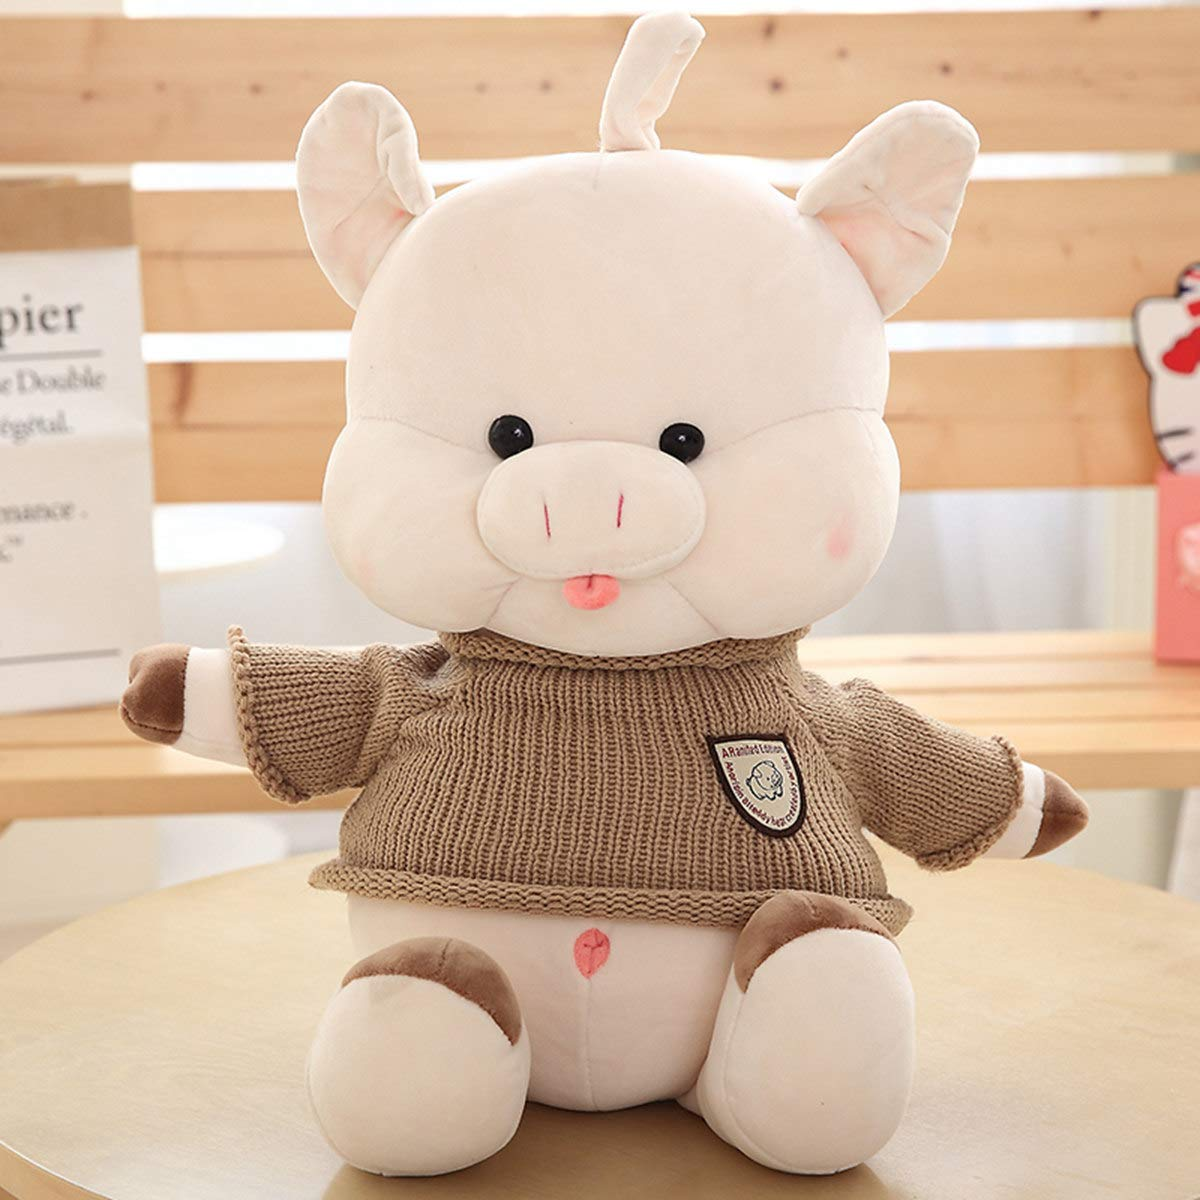 Mjia Pillow Gefüllte Plüschkissen Schlafkissenkissen Kids Comfort Toy,Daunenschwein Plüschtier,Kindertagesgeschenk,grau,45CM